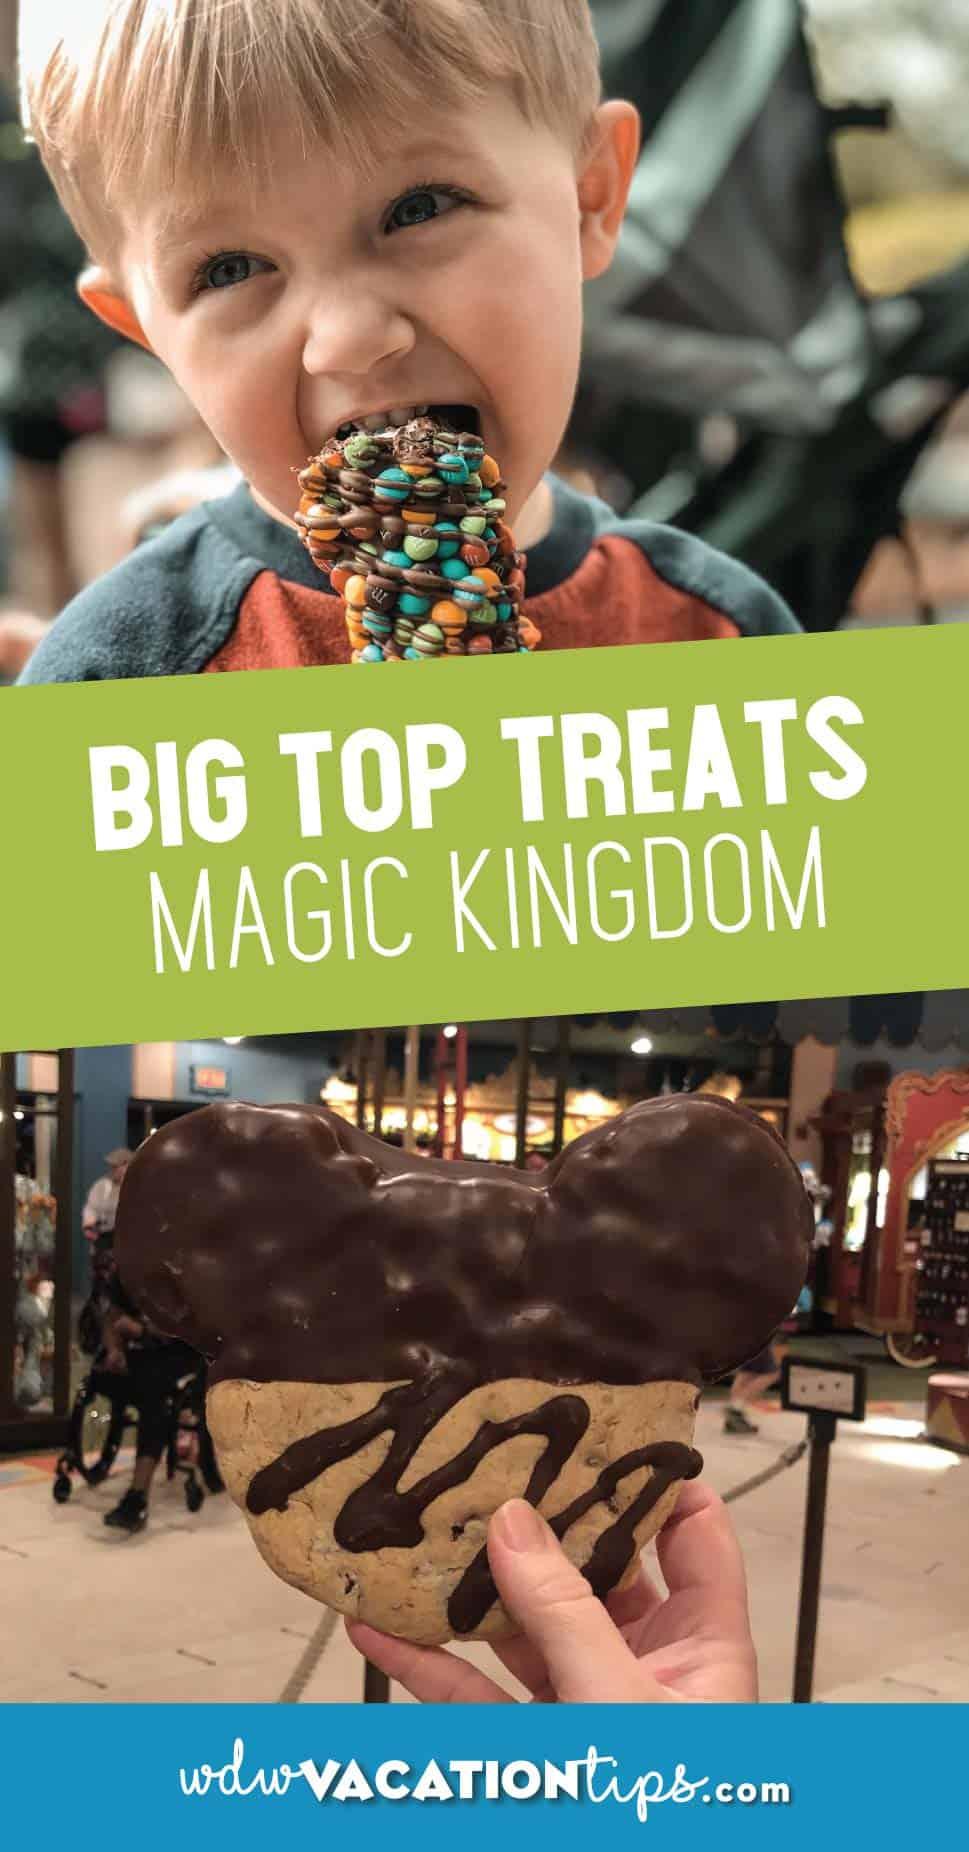 Big Top Treats Magic Kingdom